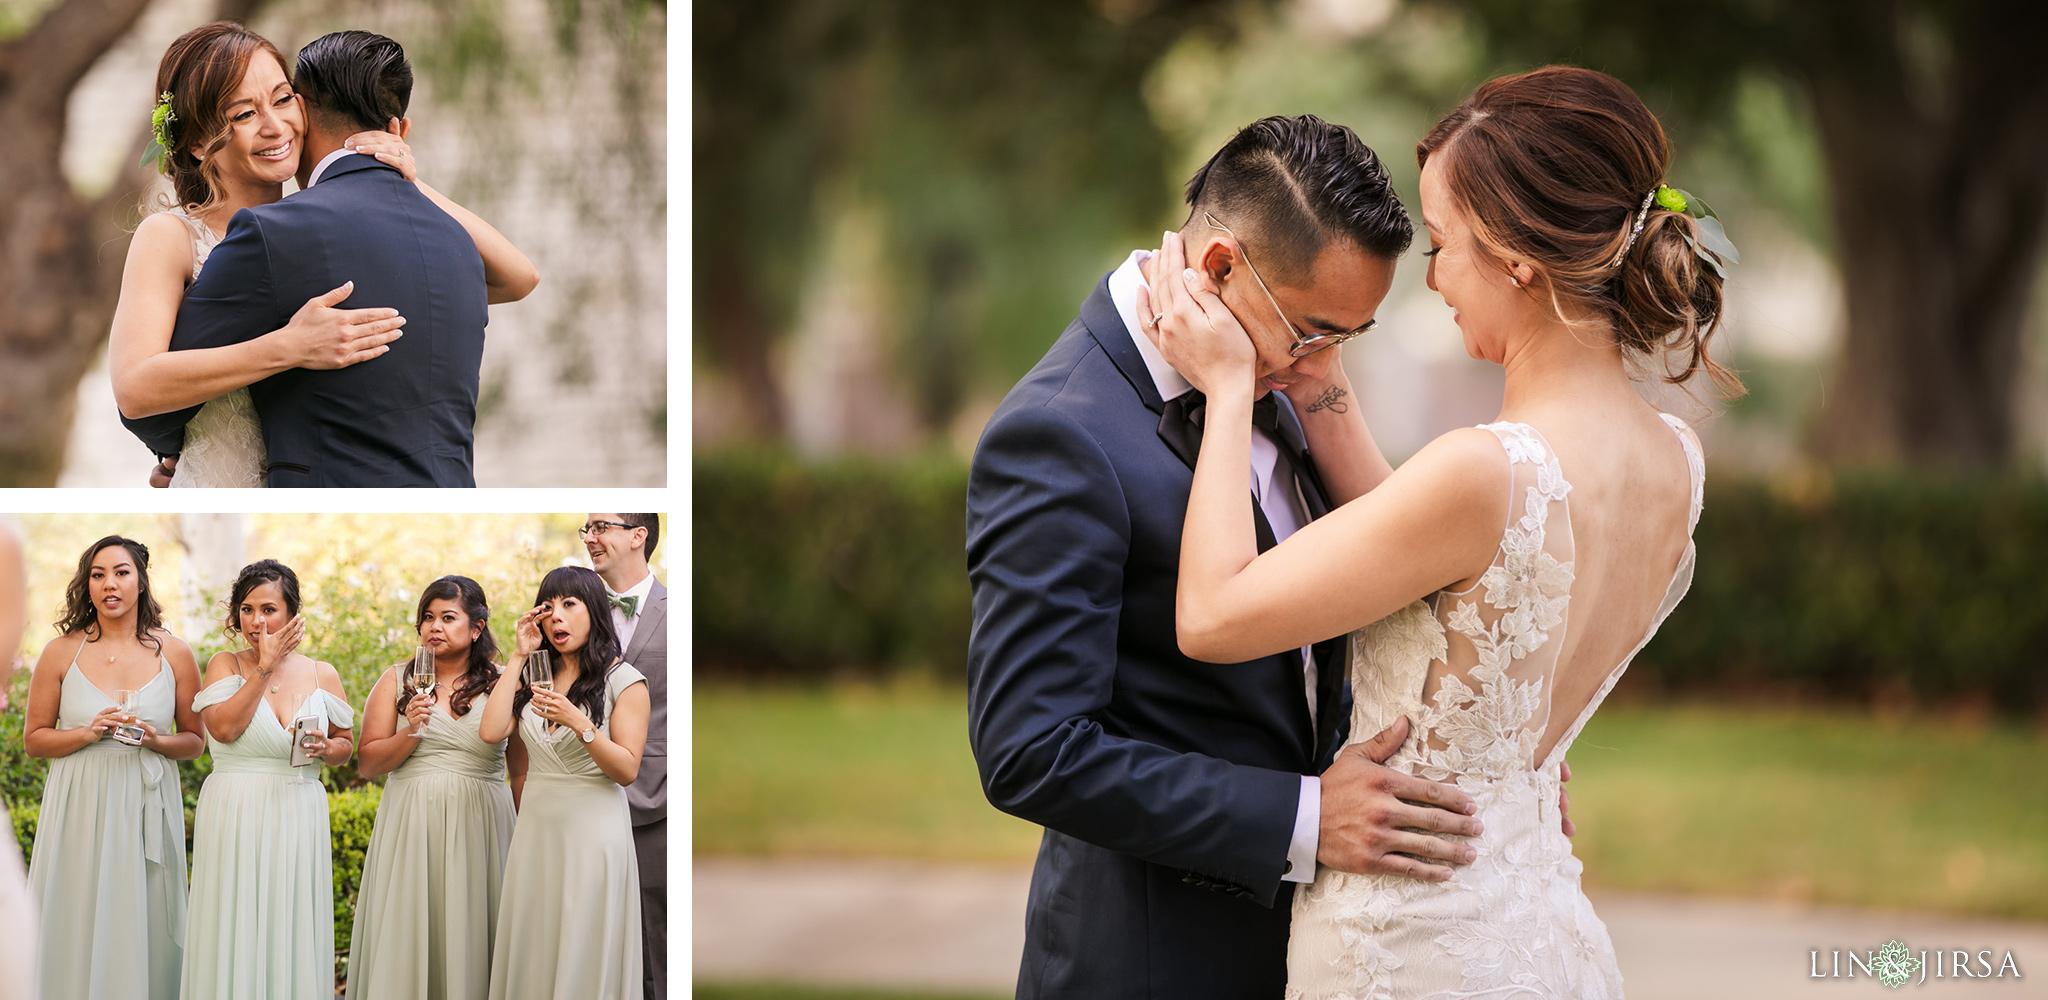 10 Summit House Orange County Wedding Photography